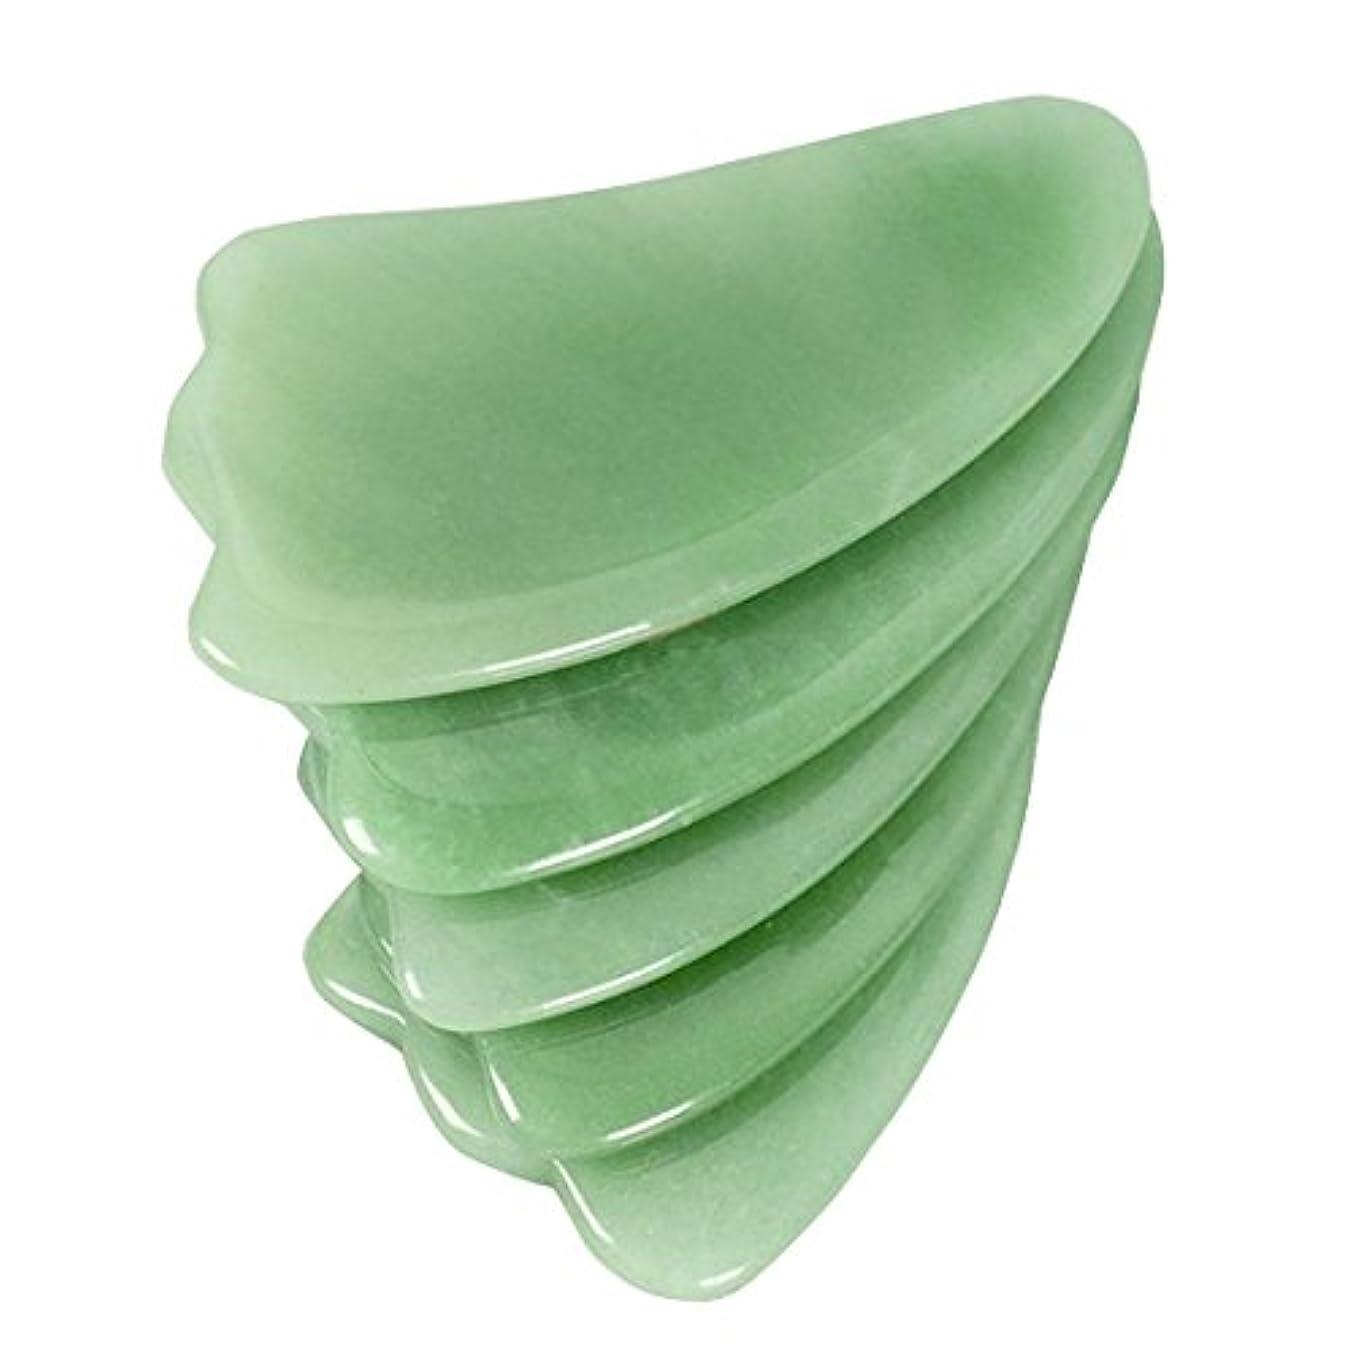 セミナーほこりパーティー(イスイ) YISHUI天然緑アベンチュリン かっさプレート カッサリフトプレート カッサボード カッサマッサージ道具 W3421